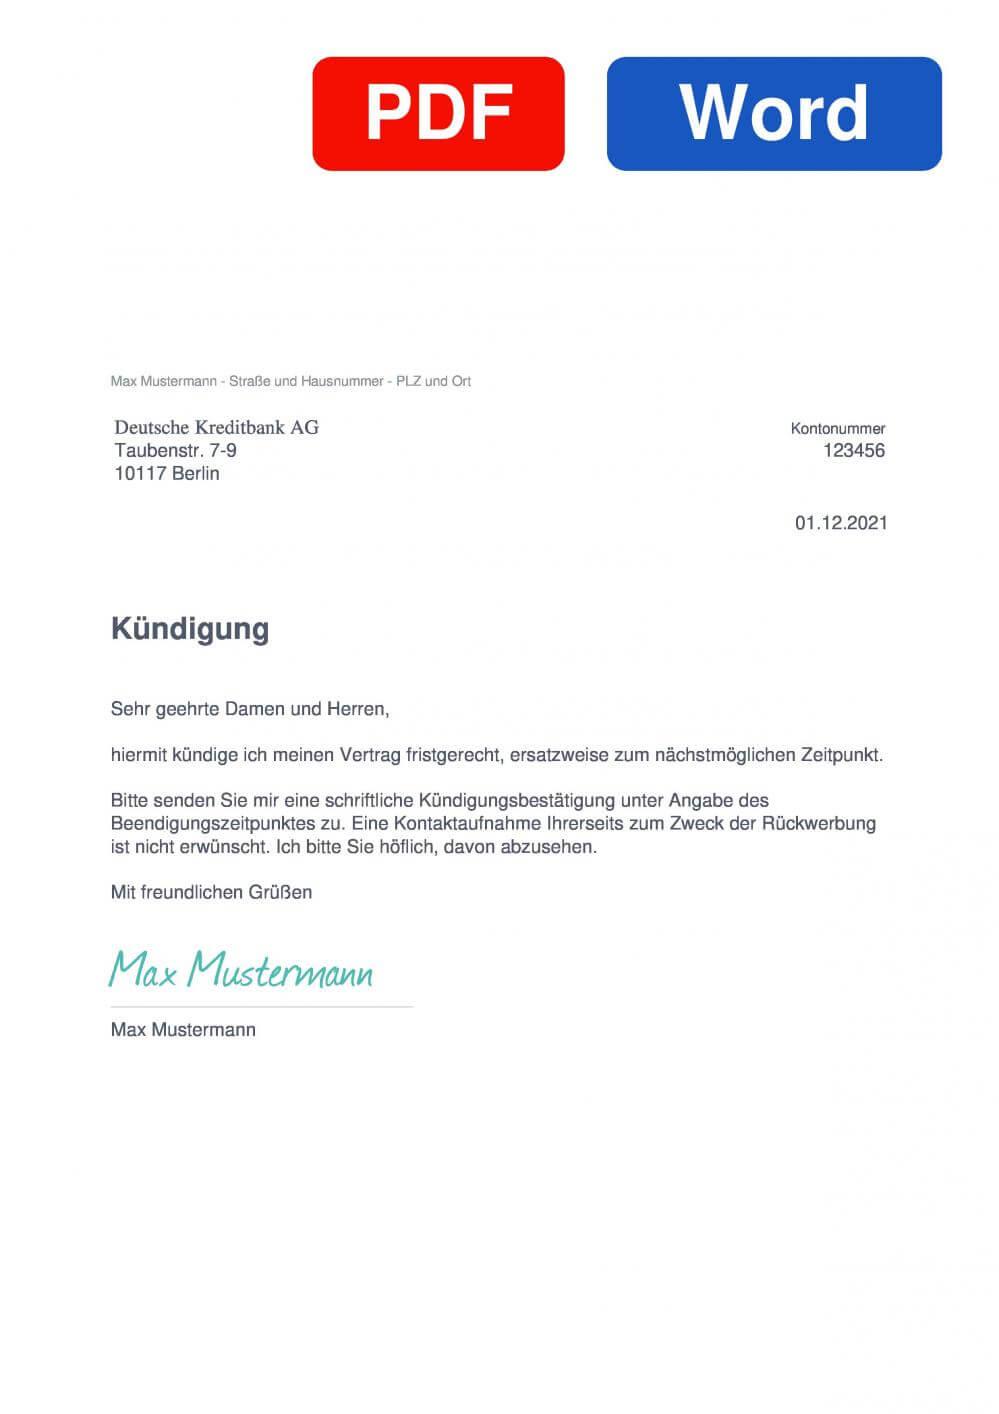 DKB Cash Muster Vorlage für Kündigungsschreiben